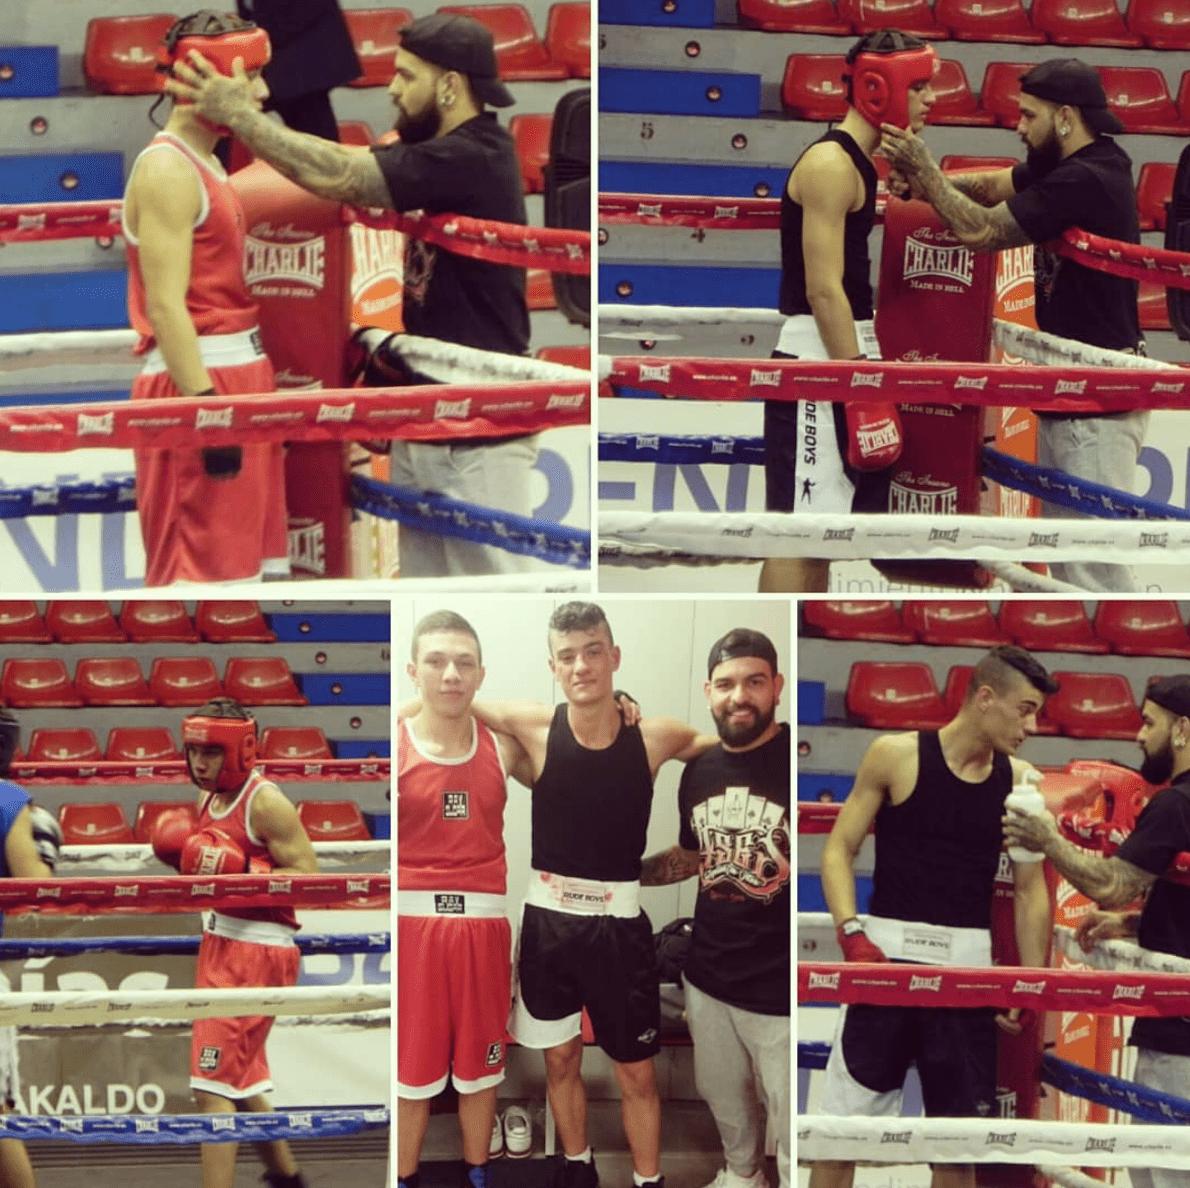 competición boxeo sa fight company